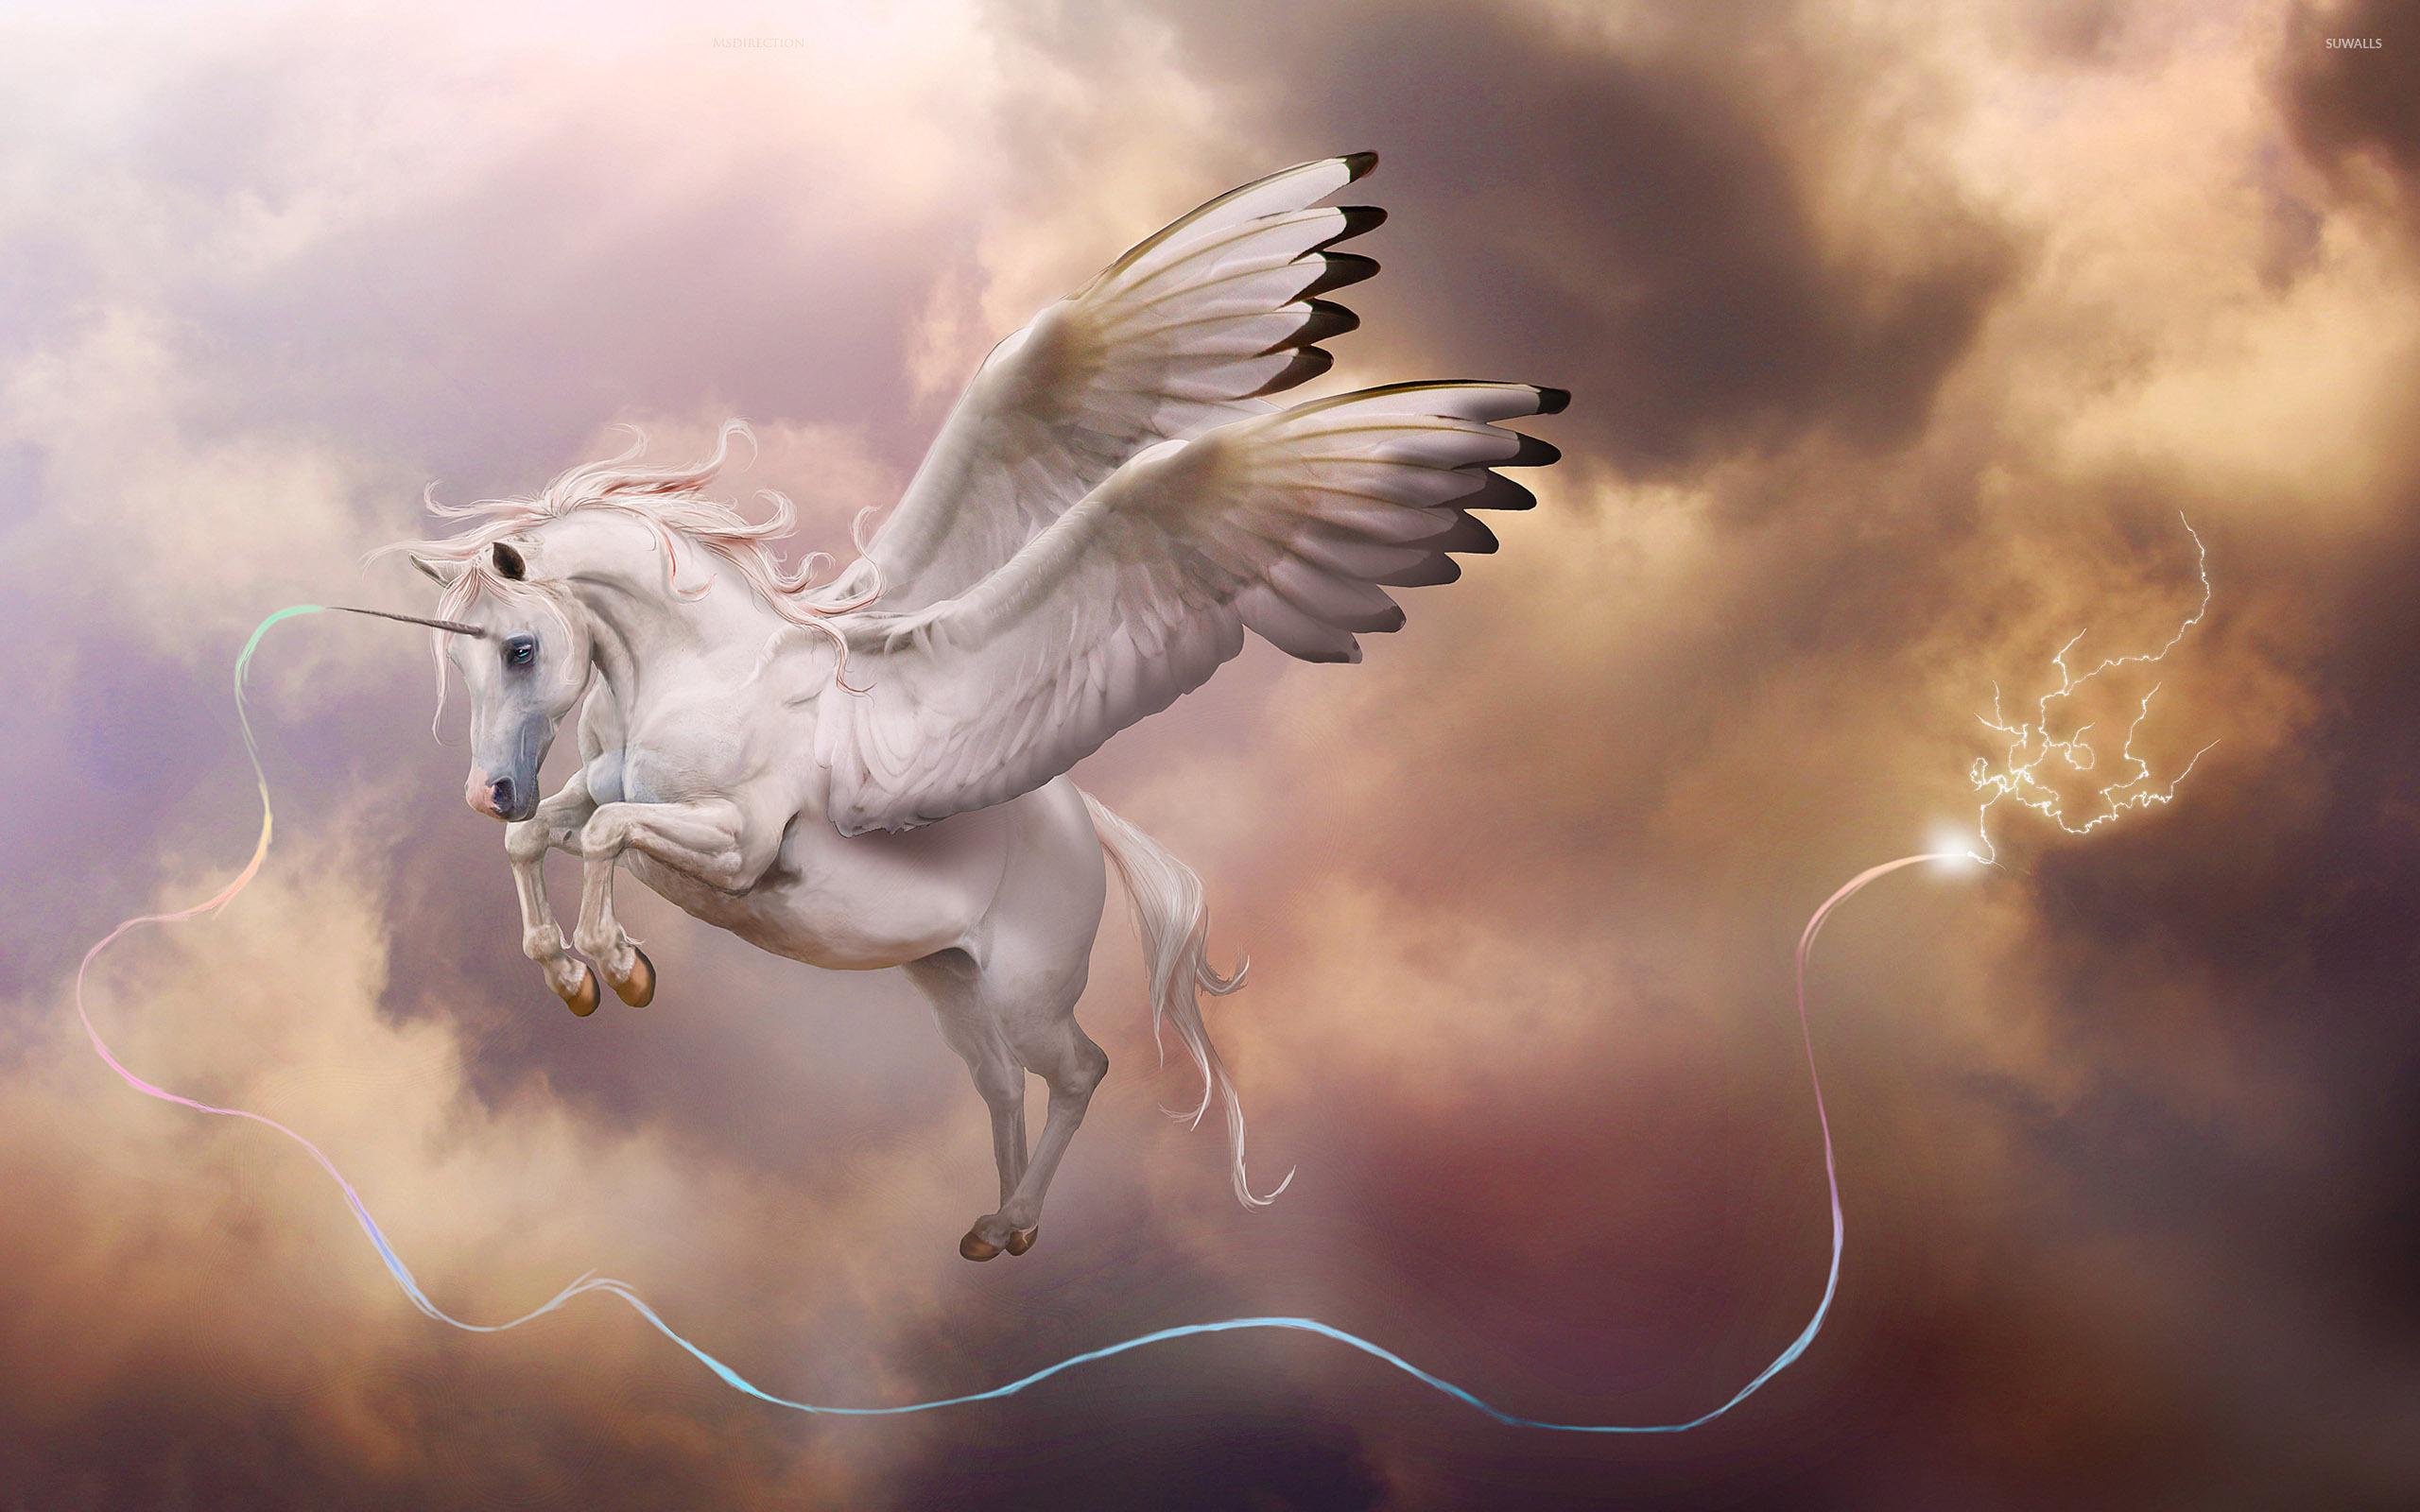 Pegasus unicorn wallpaper - Fantasy wallpapers - #38388